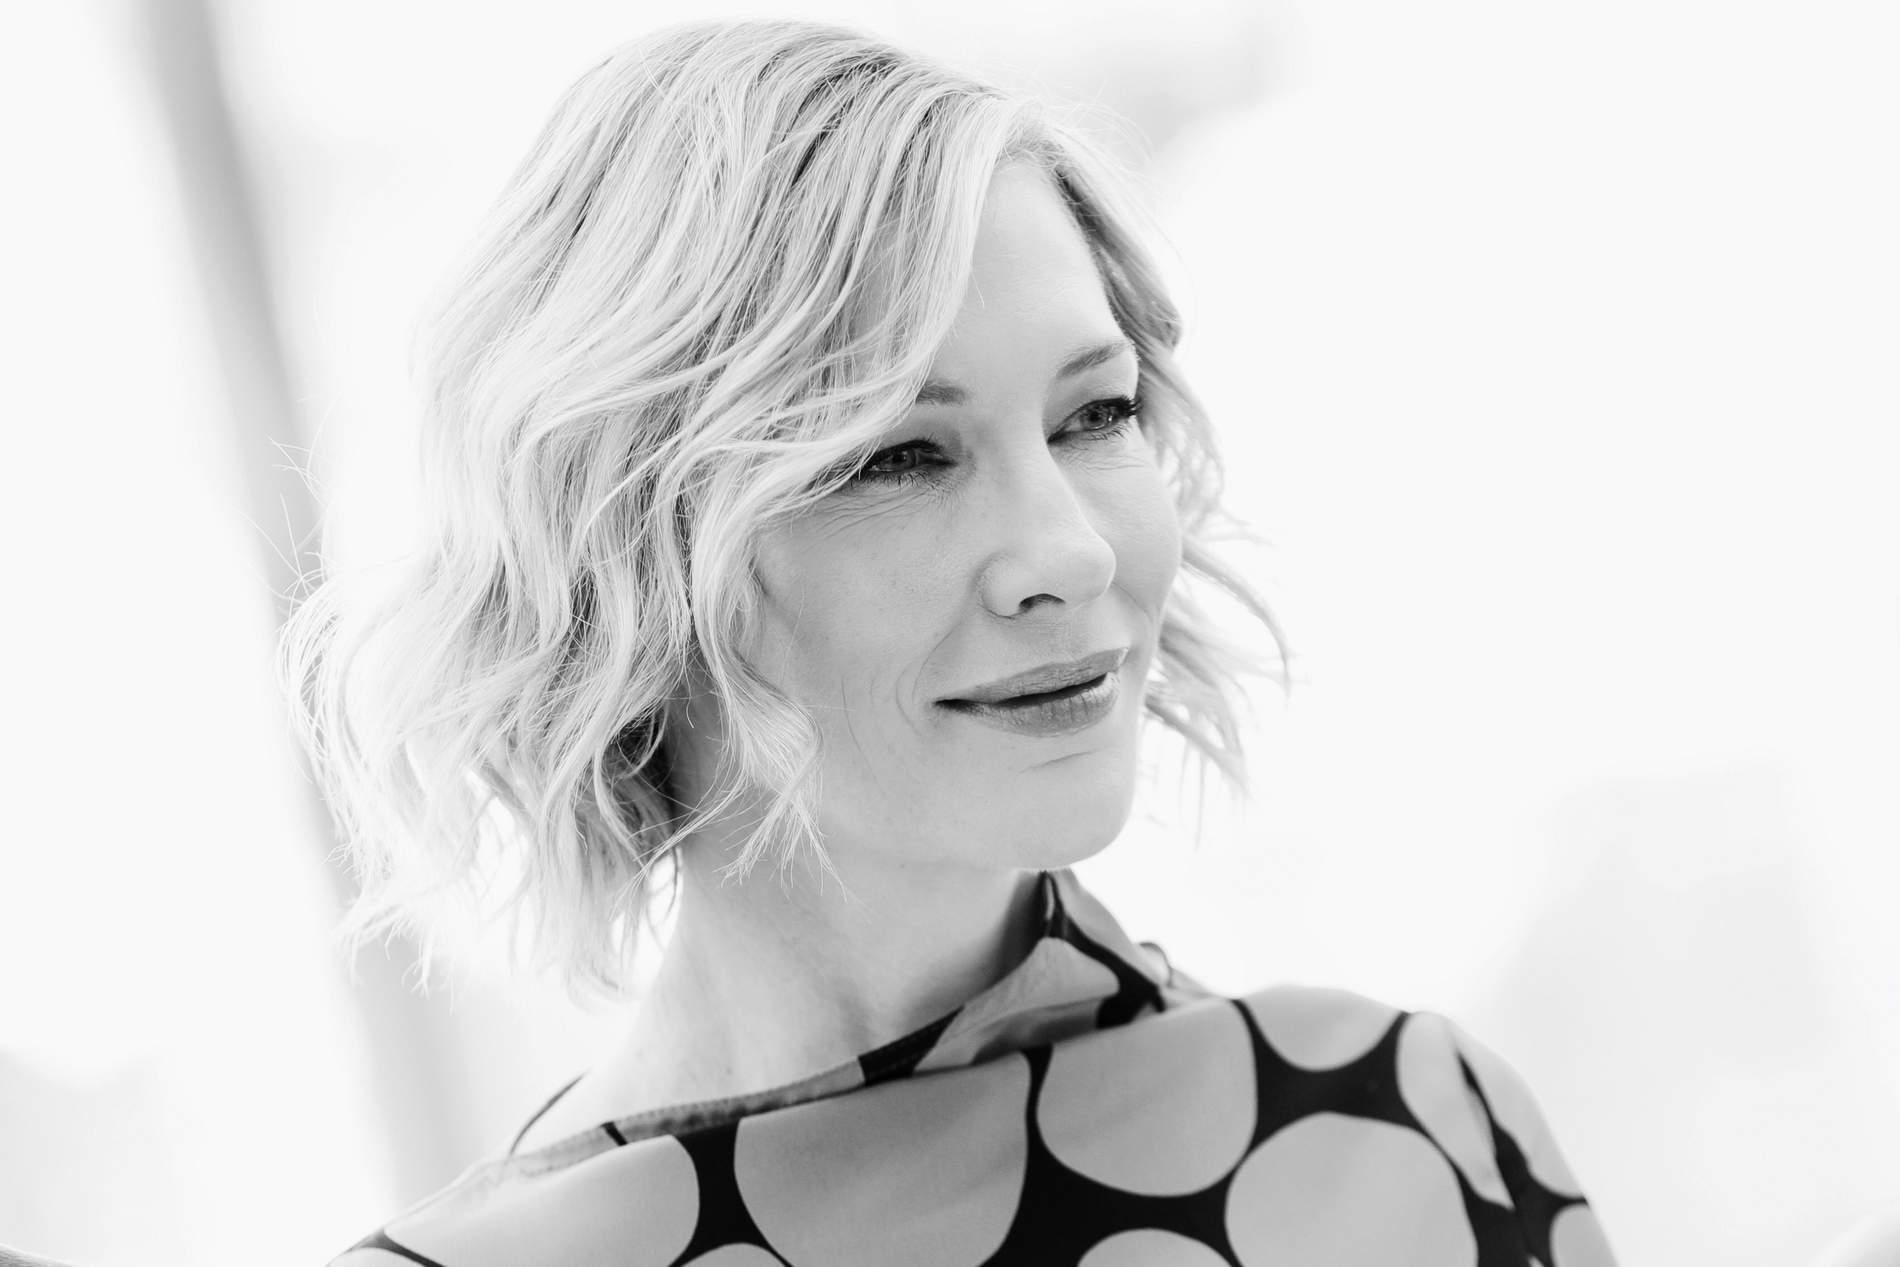 5 reasons why we love Cate Blanchett